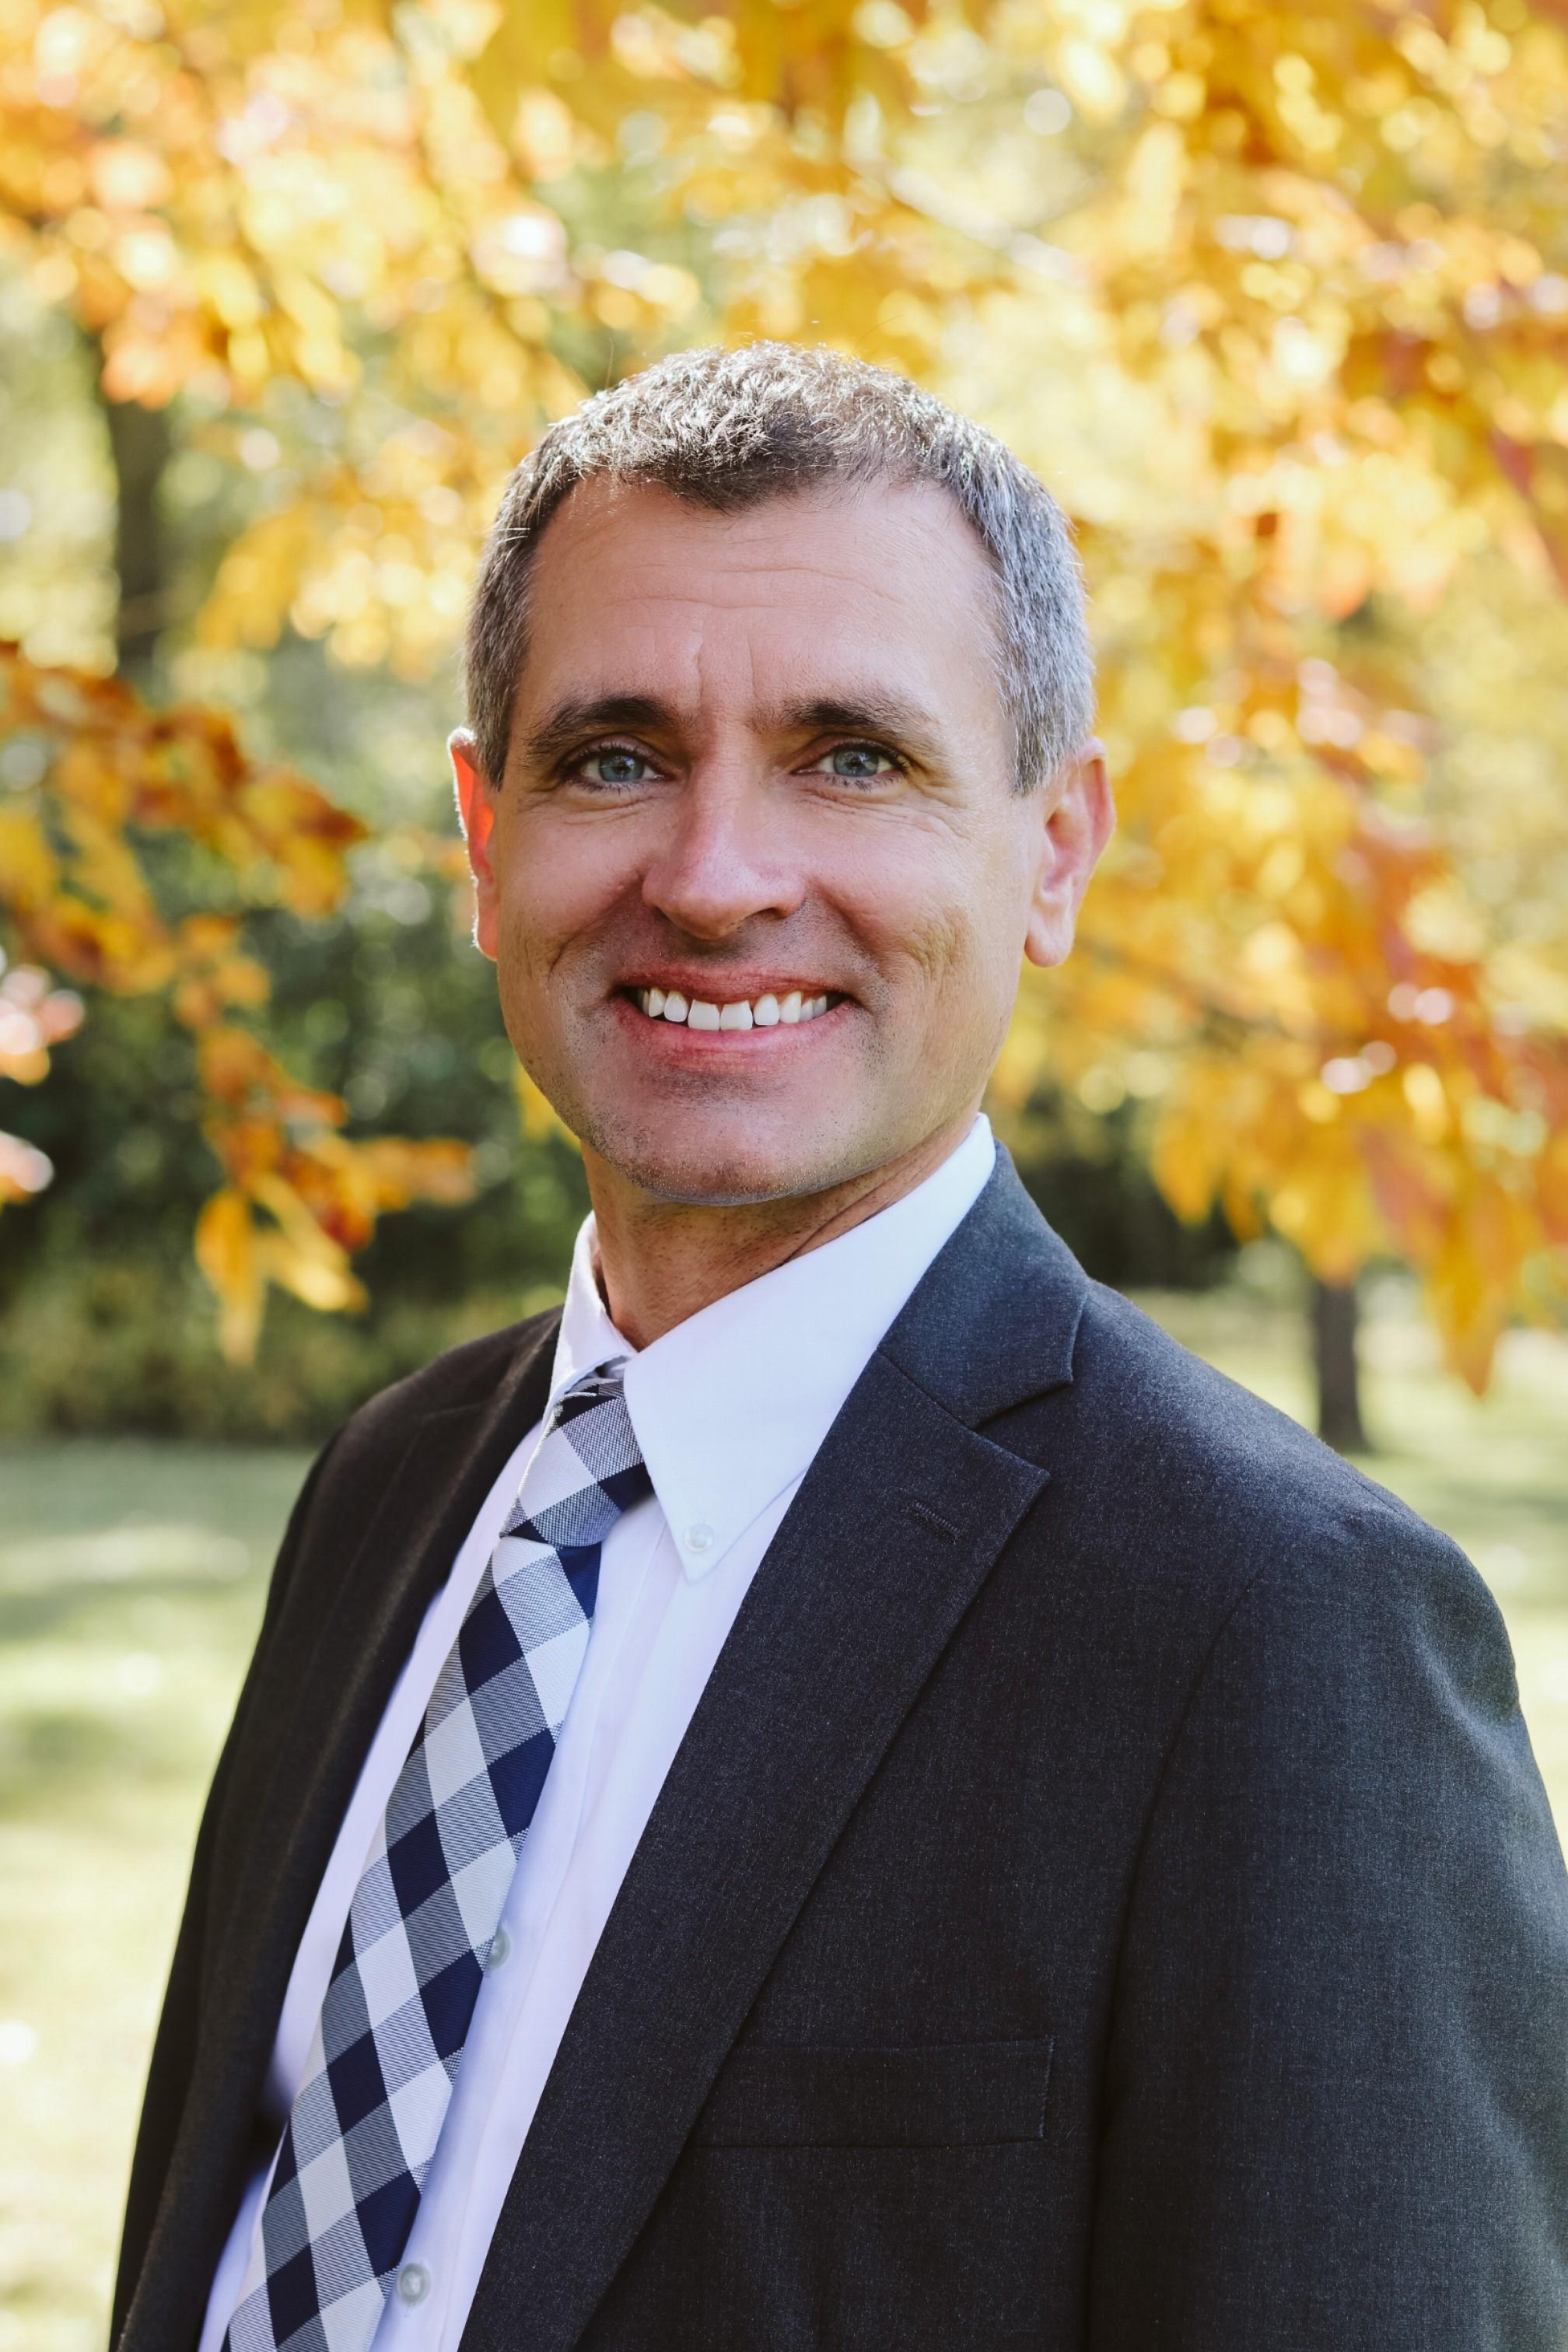 Paul Bonikowske